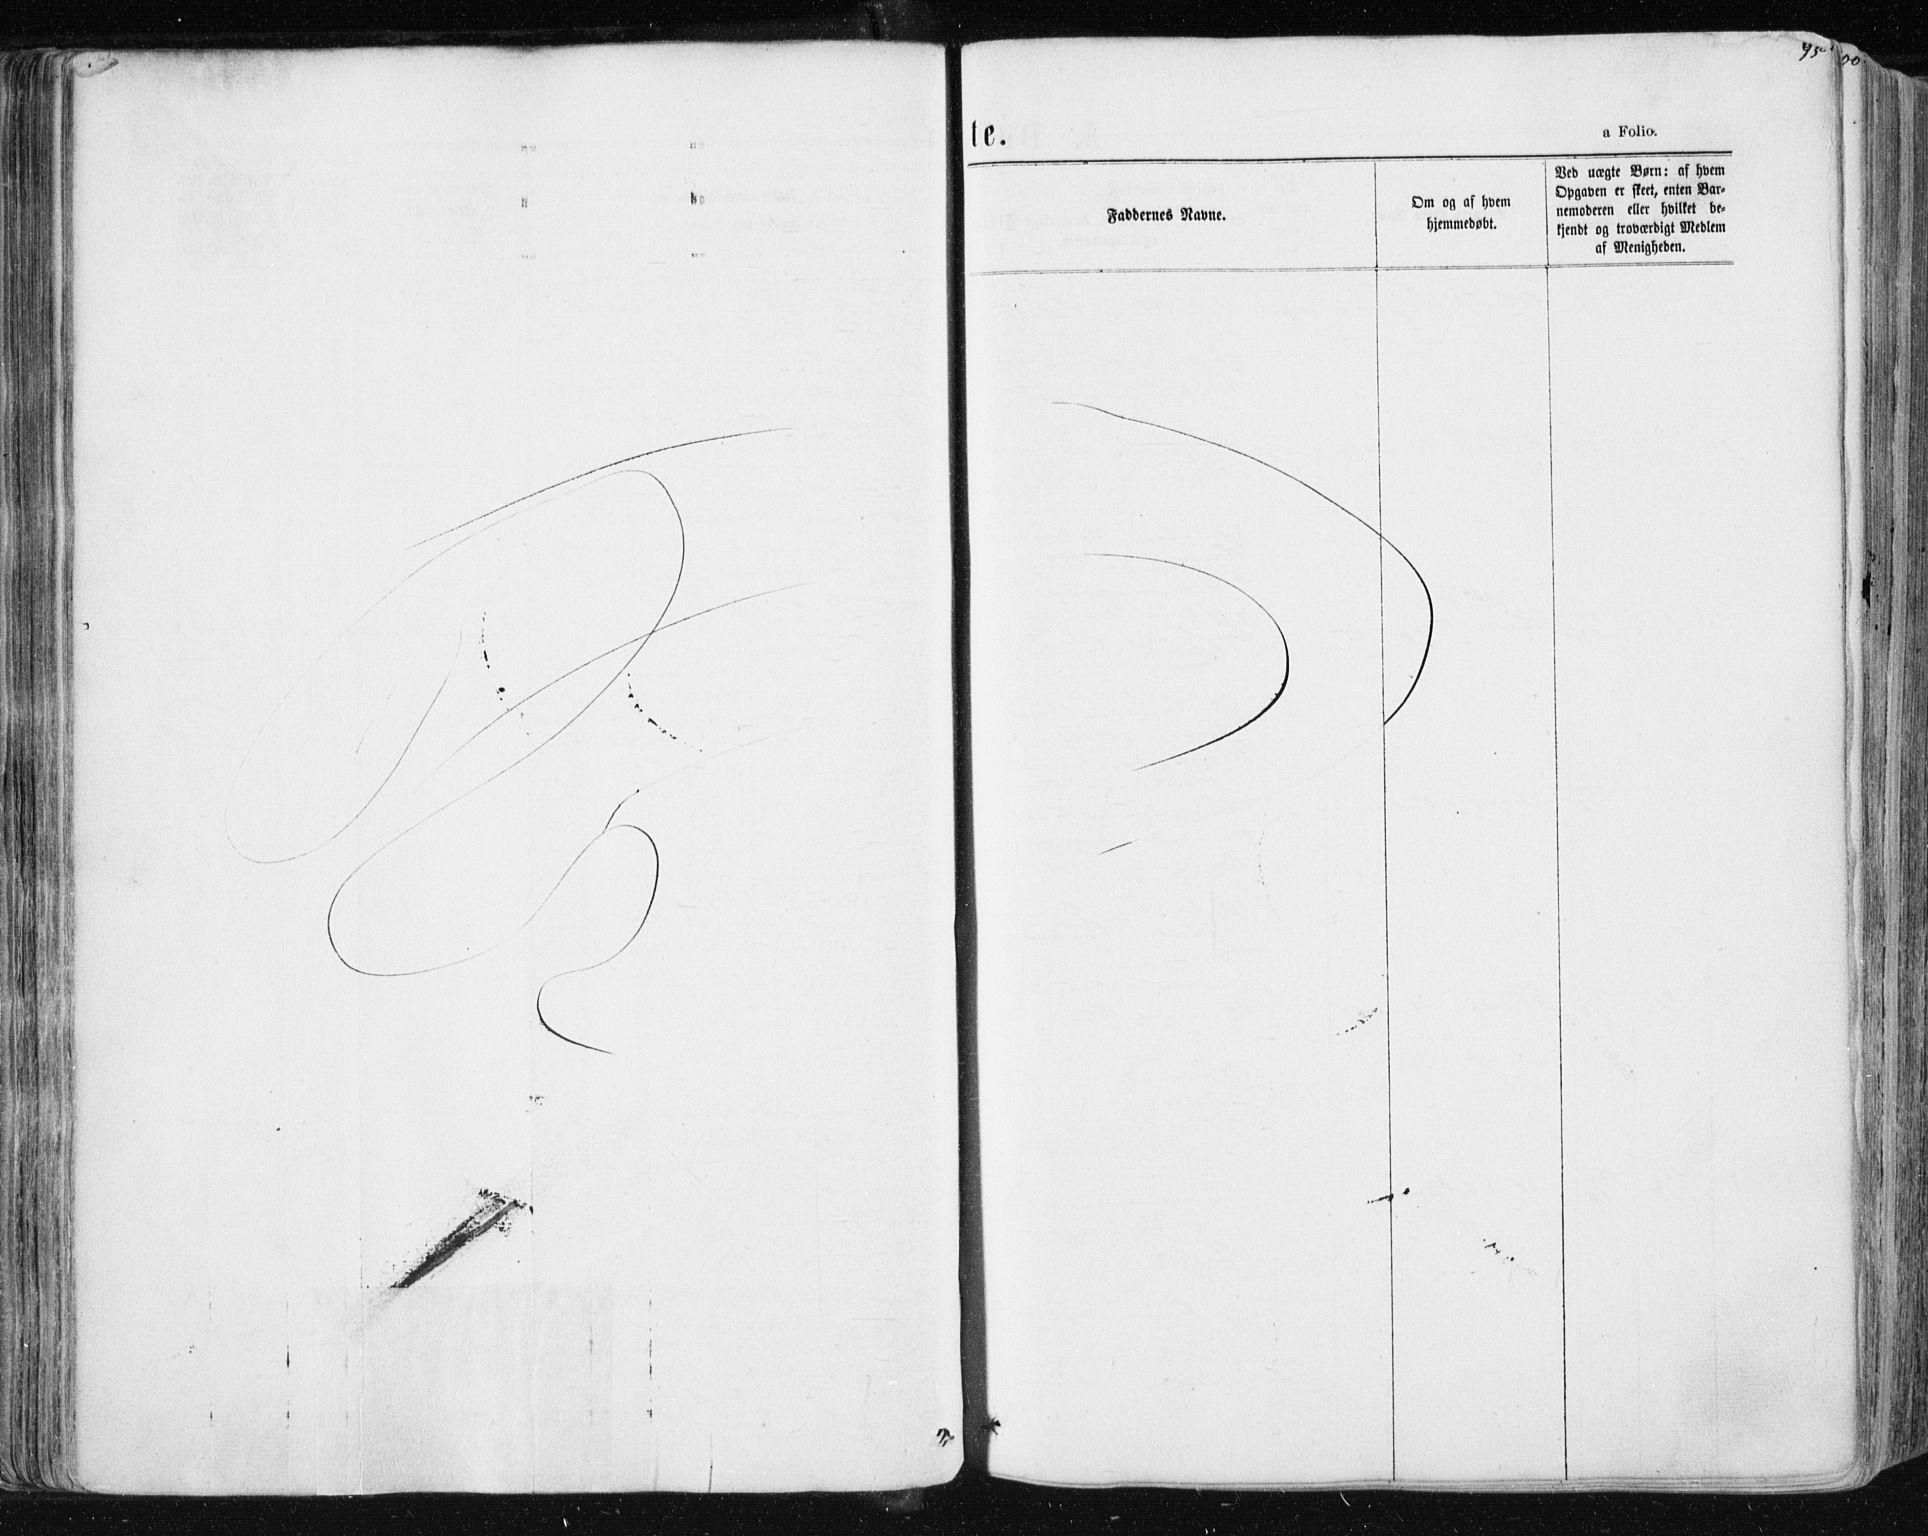 SAT, Ministerialprotokoller, klokkerbøker og fødselsregistre - Sør-Trøndelag, 604/L0186: Ministerialbok nr. 604A07, 1866-1877, s. 95